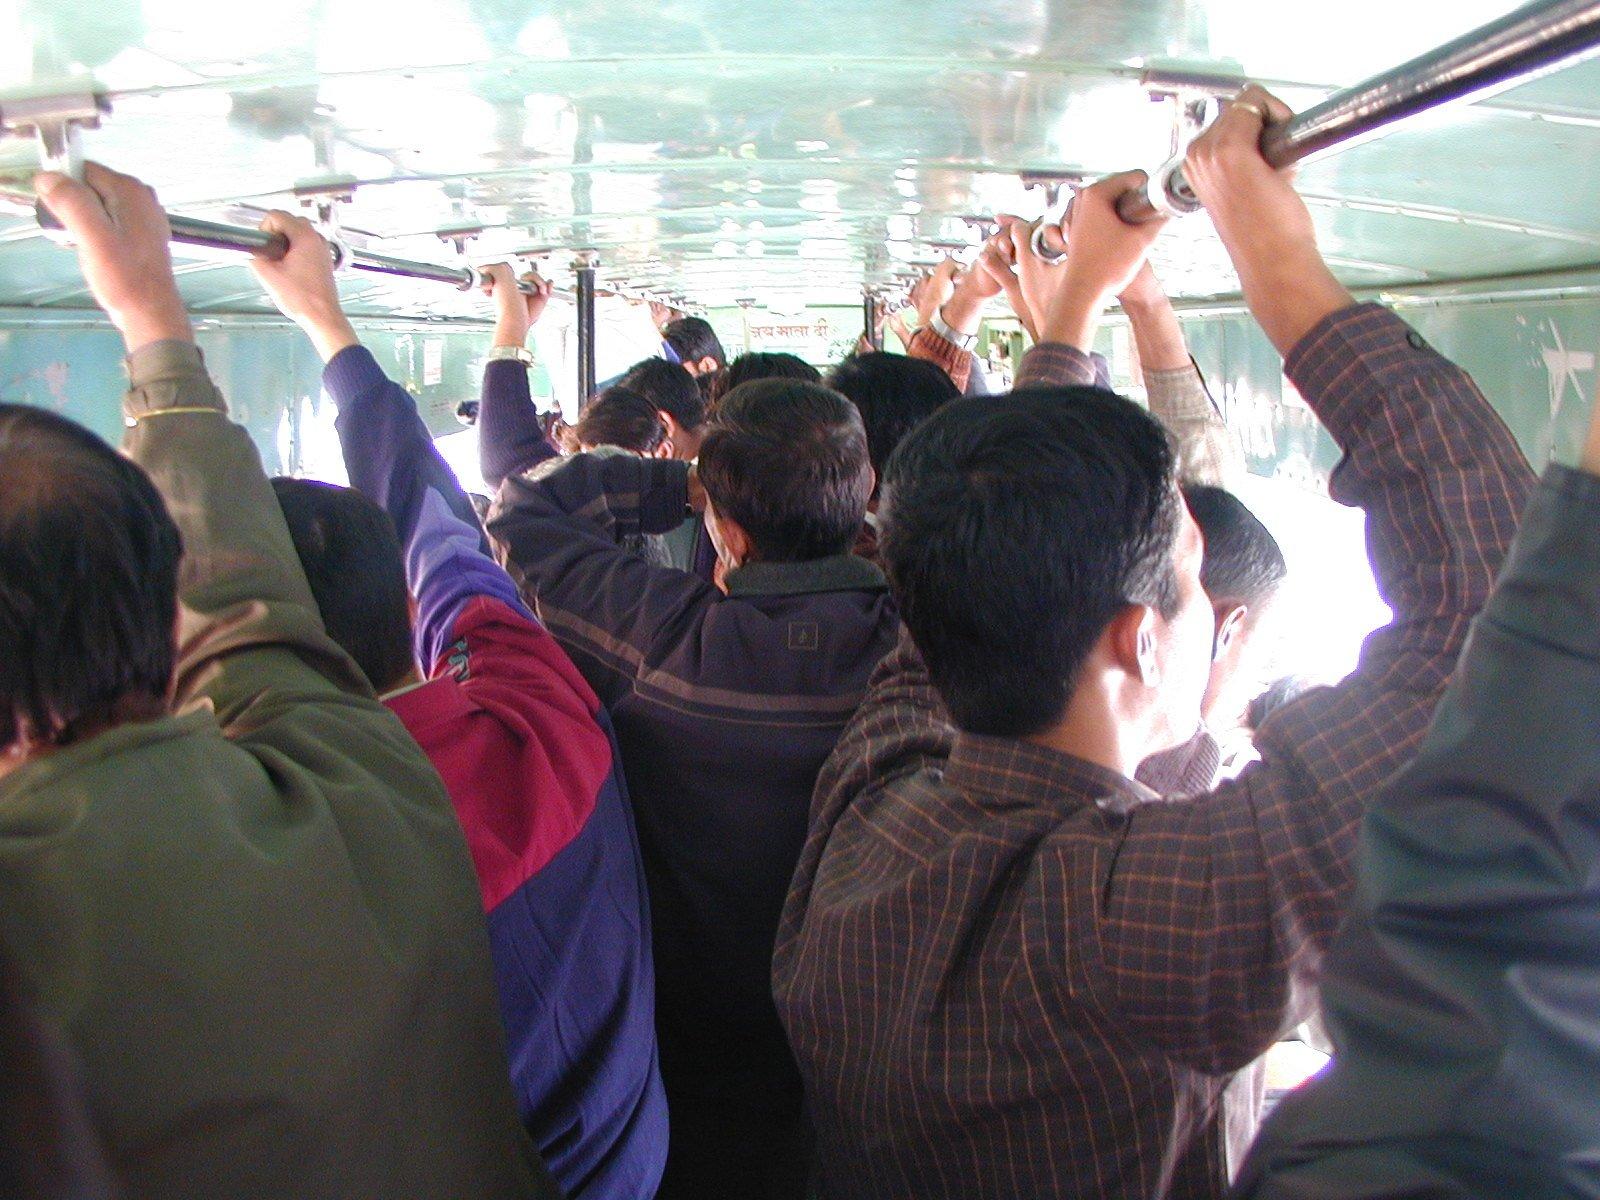 смотреть порно видео трогает в транспорте